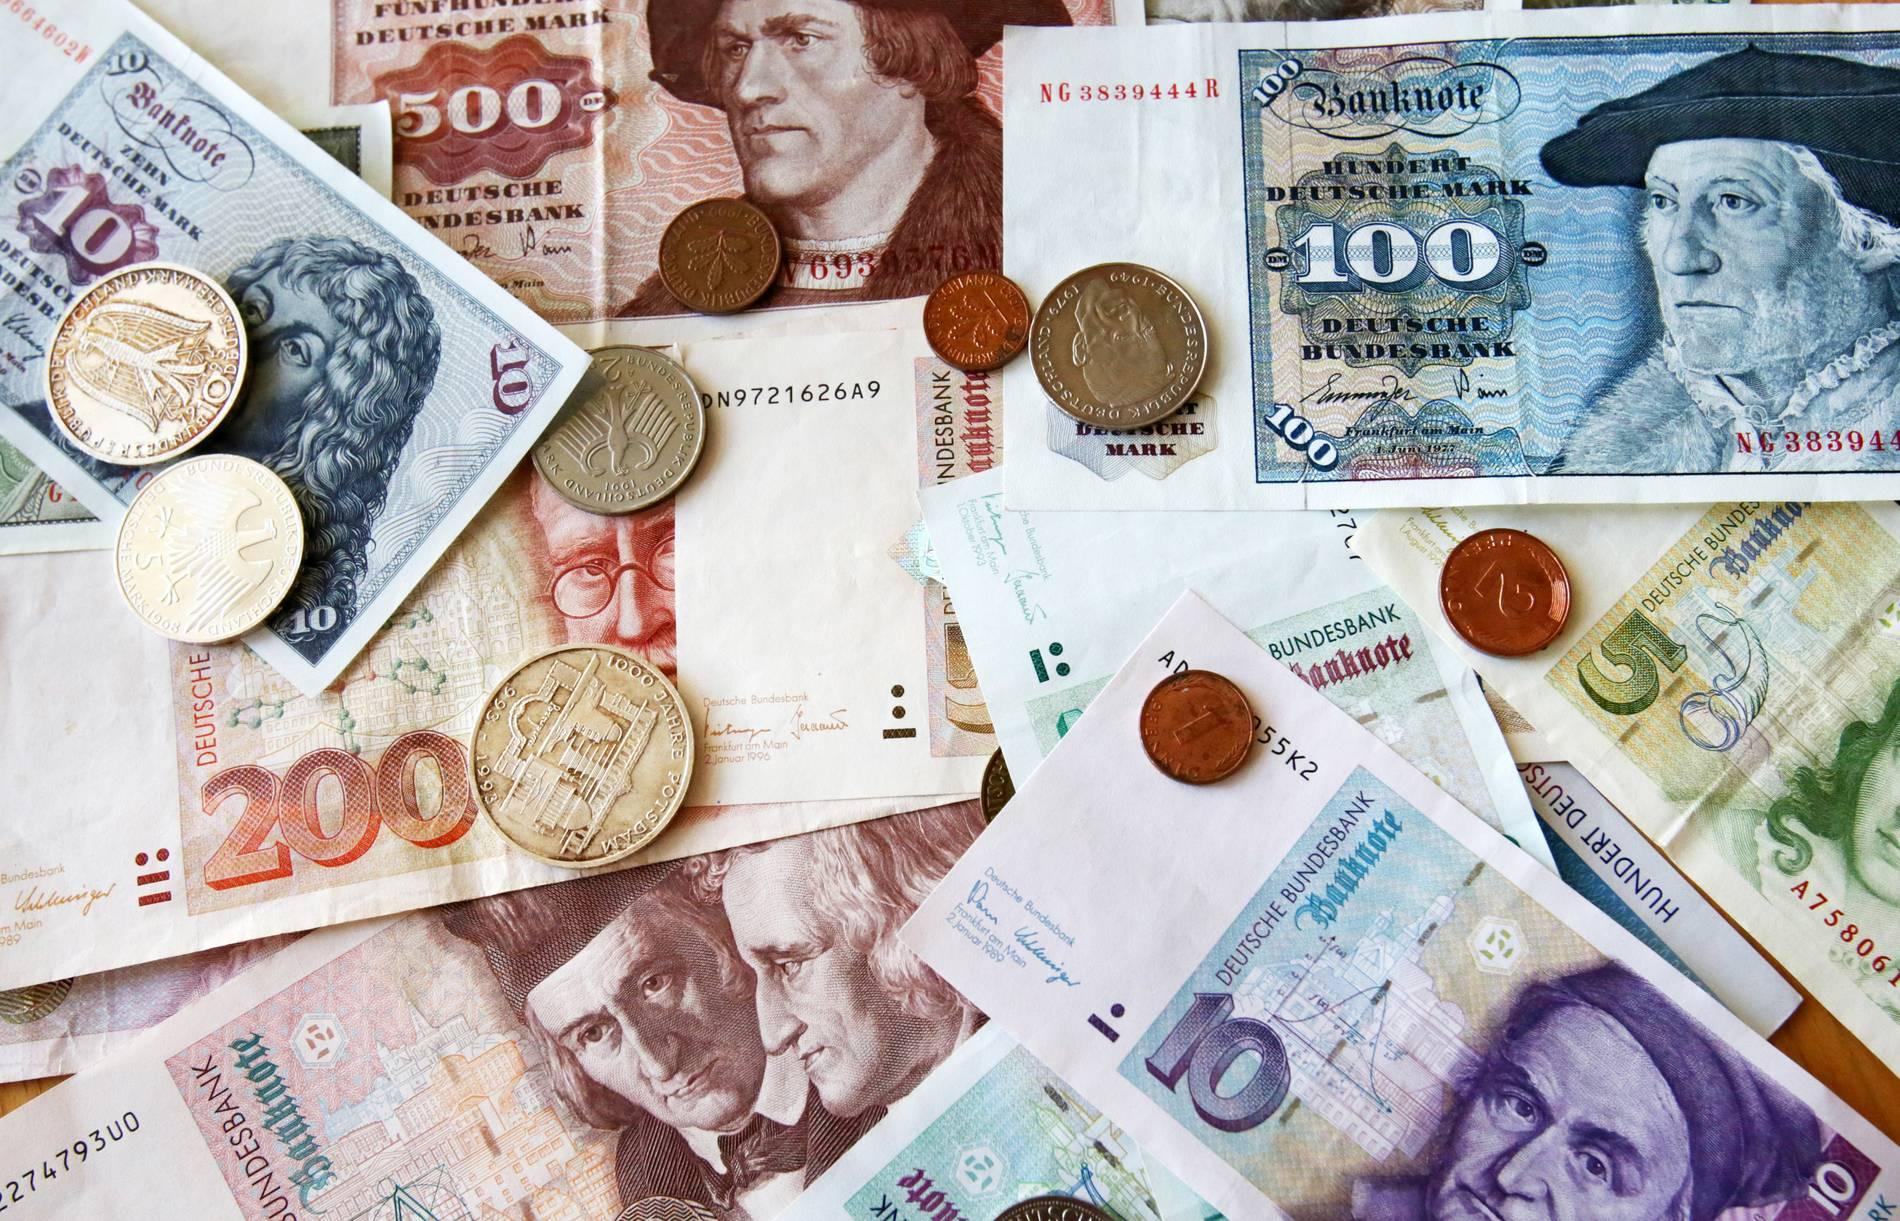 In Nordrhein-Westfalen weniger D-Mark in Euro umgetauscht